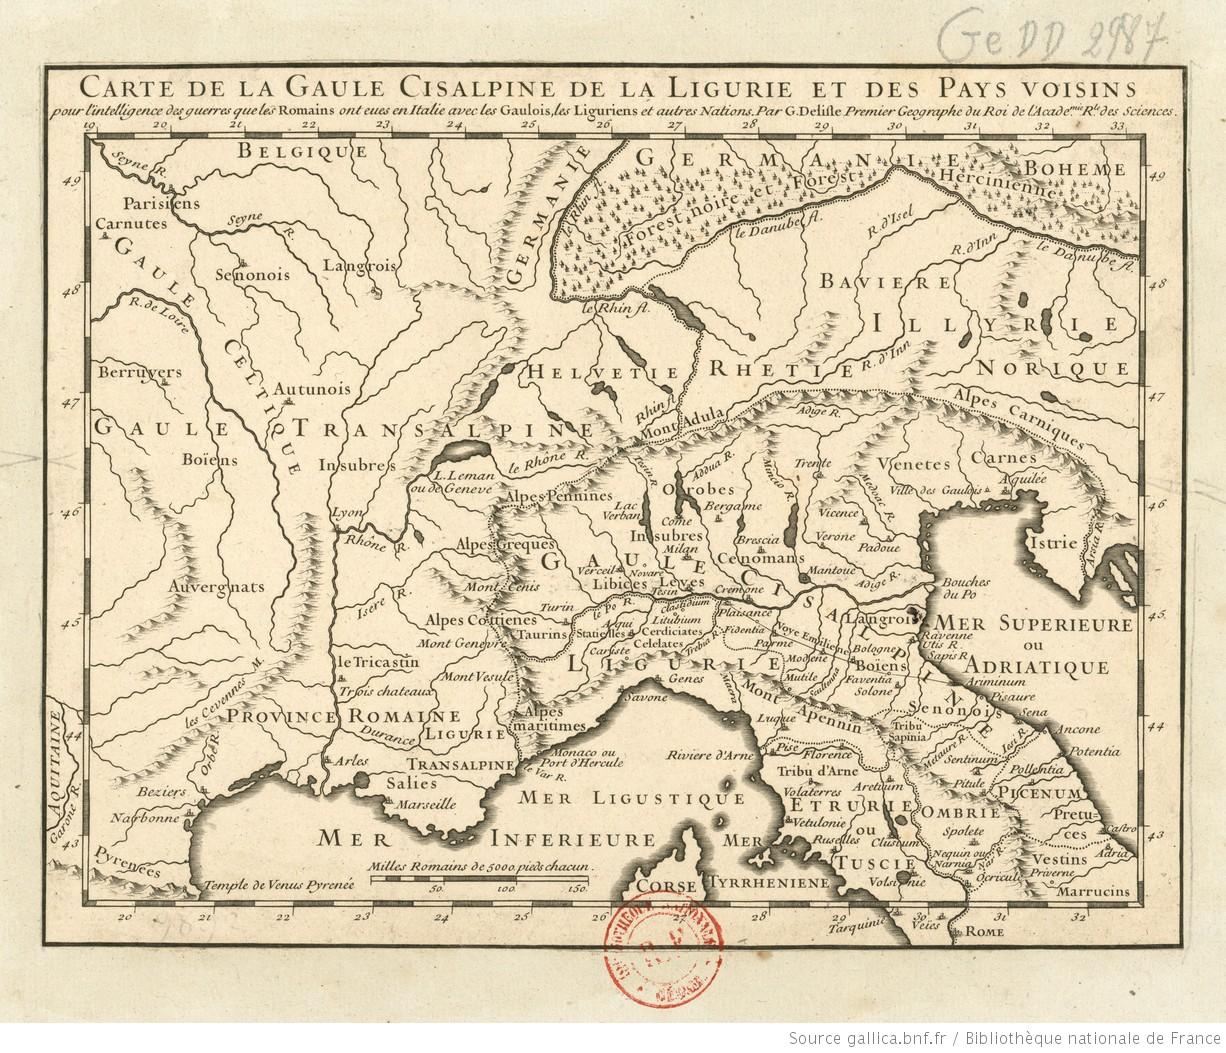 Carte Italie Ligurie.Carte De La Gaule Cisalpine De La Ligurie Et Des Pays Voisins Pour